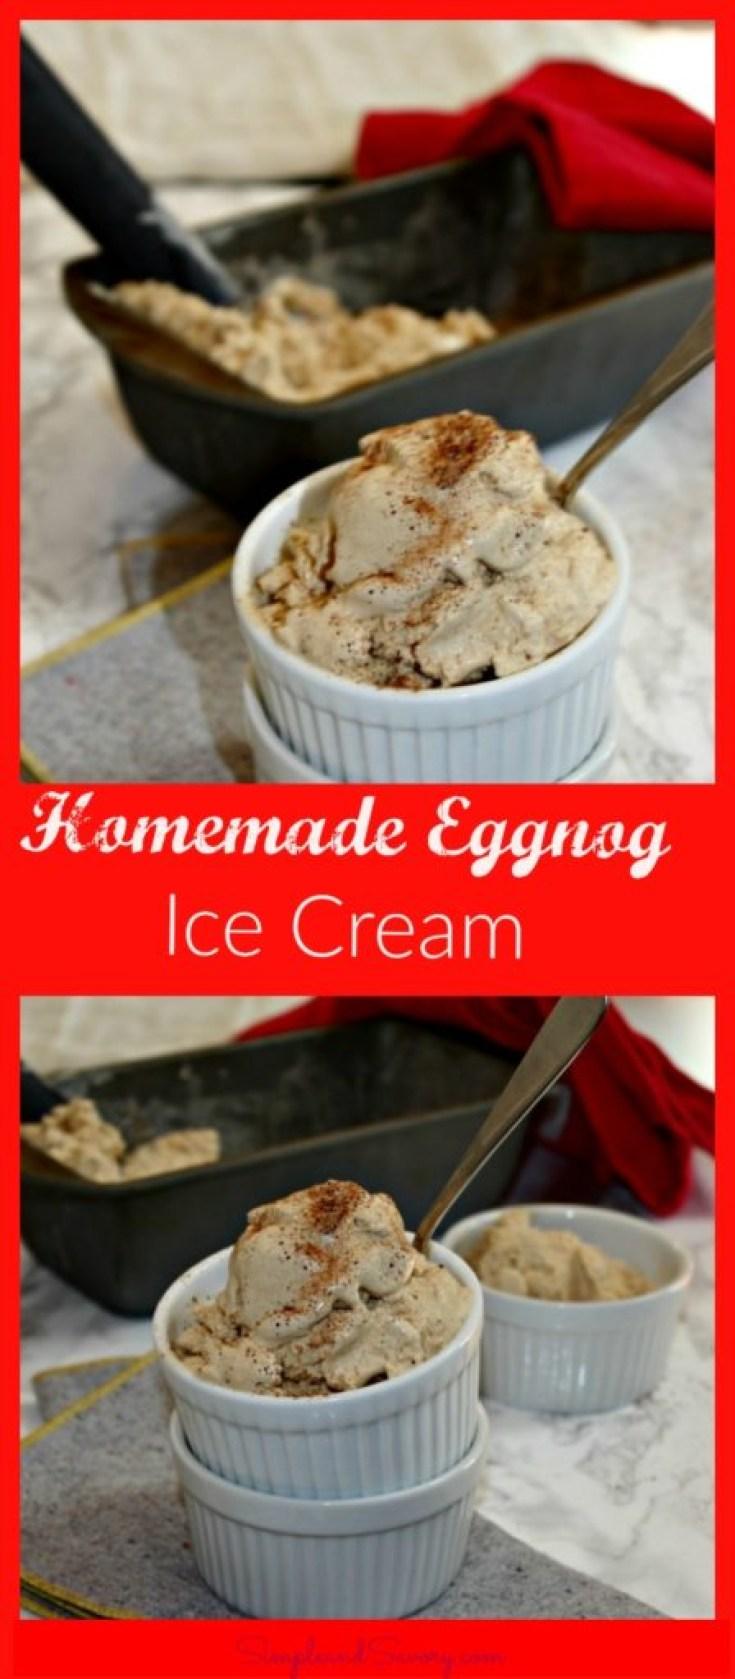 homemade-eggnog-ice-cream-recipe-made-with-milk-eggs-and-nutmeg-simpleandsavory-com